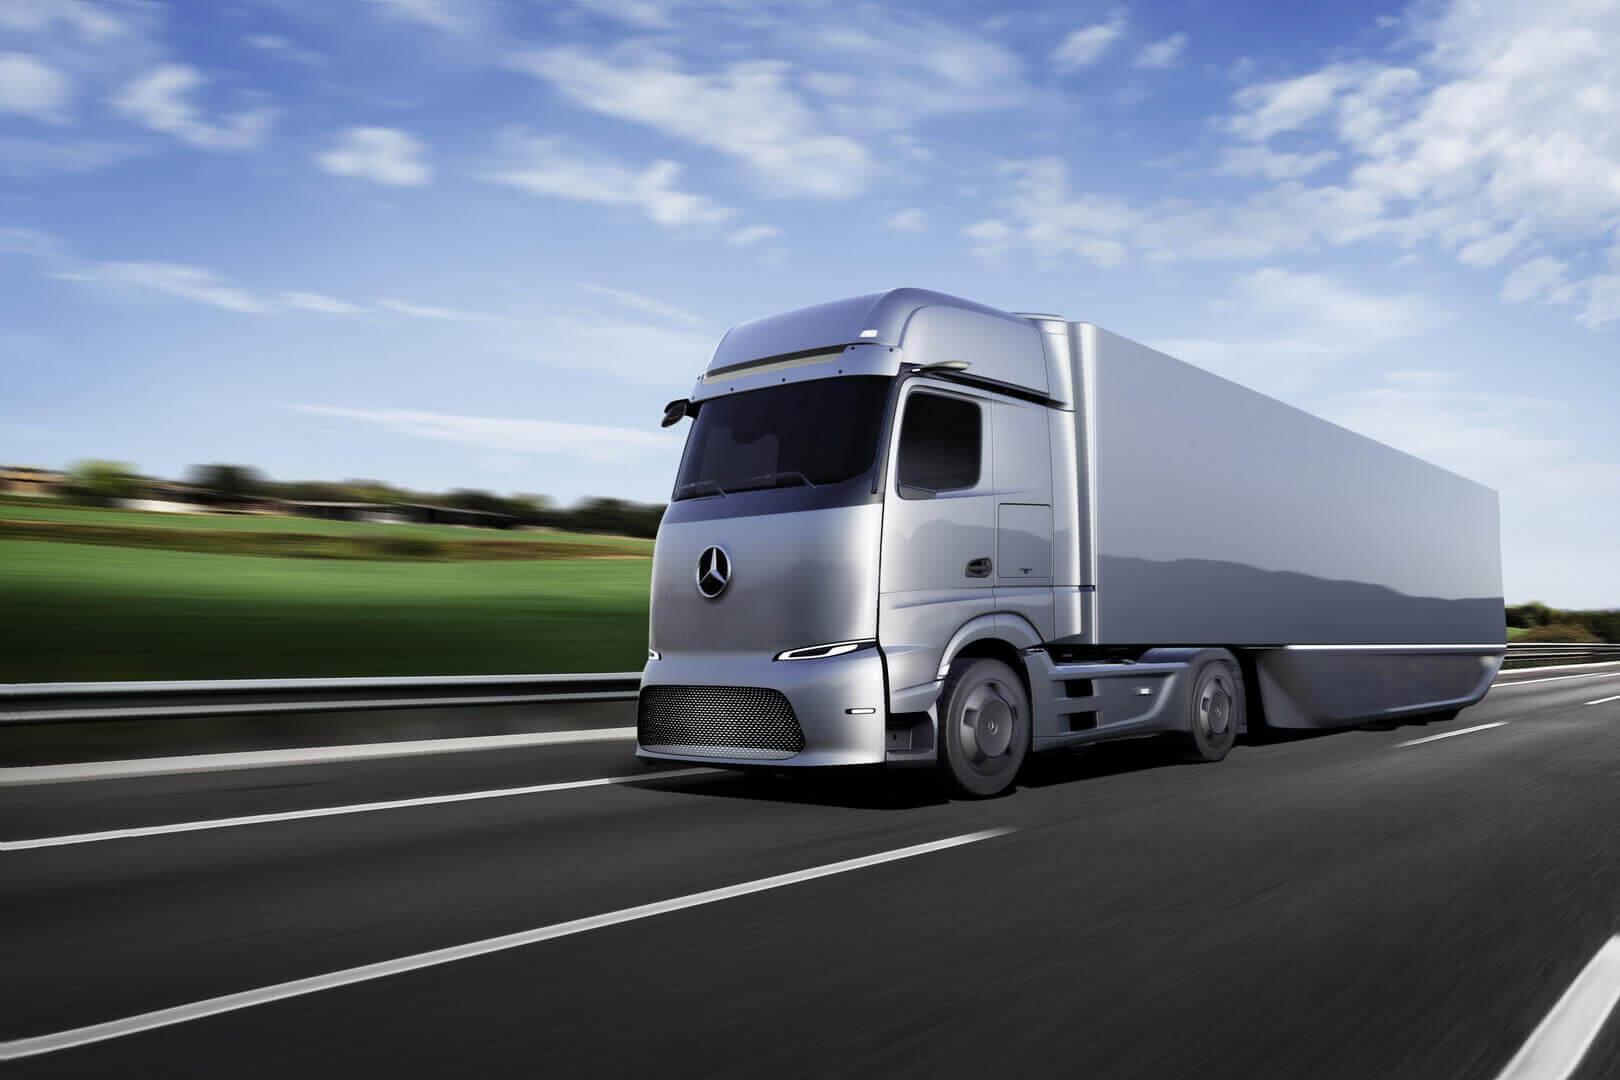 Полностью электрический грузовик Mercedes-Benz eActros LongHaul сзапасом хода 500км для дальних перевозок